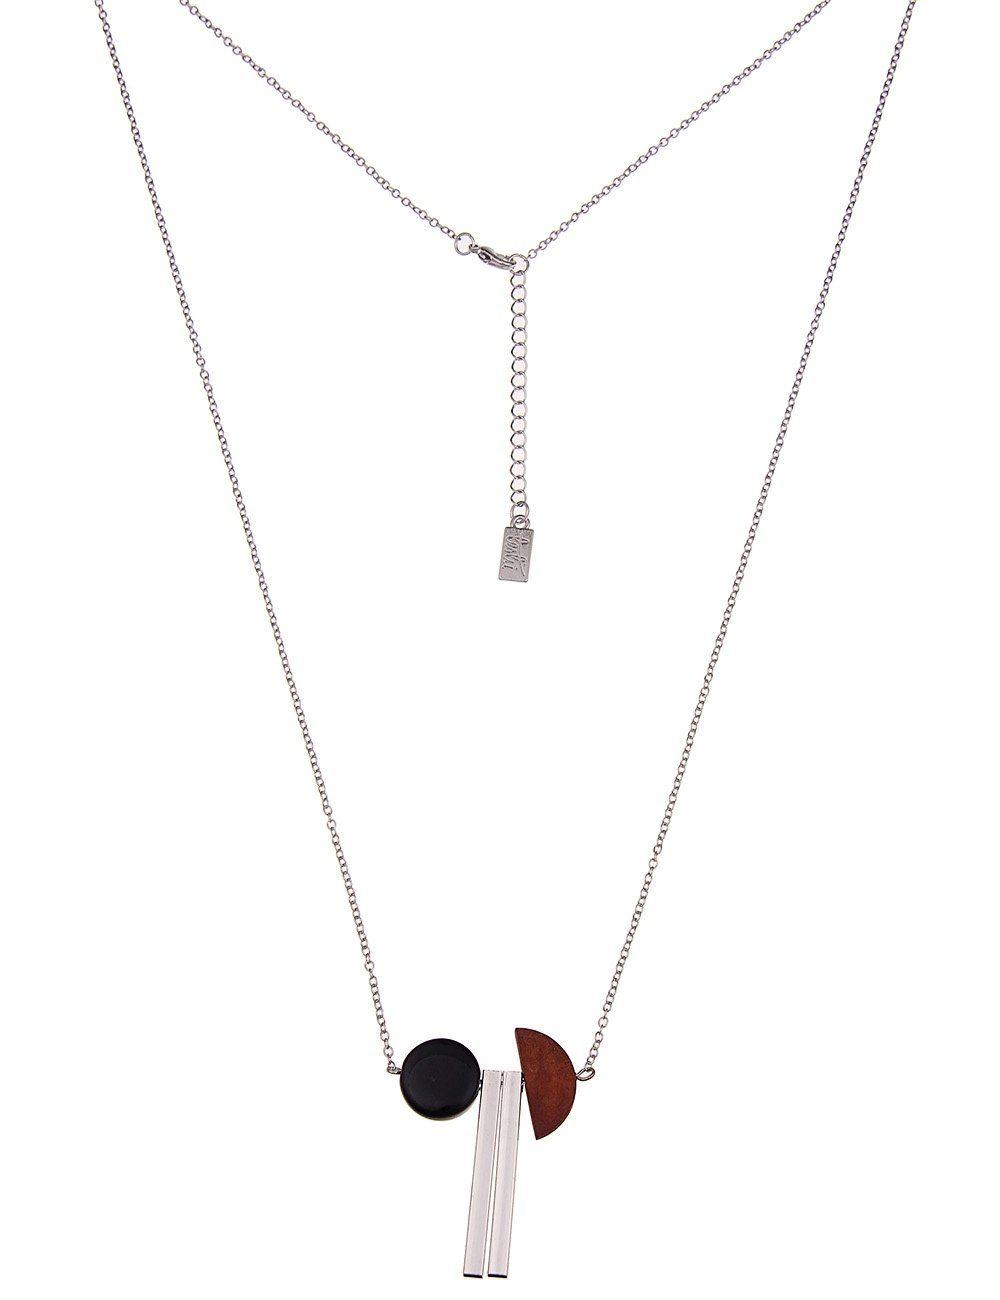 Leslii Halskette mit Holz- und Steinanhänger